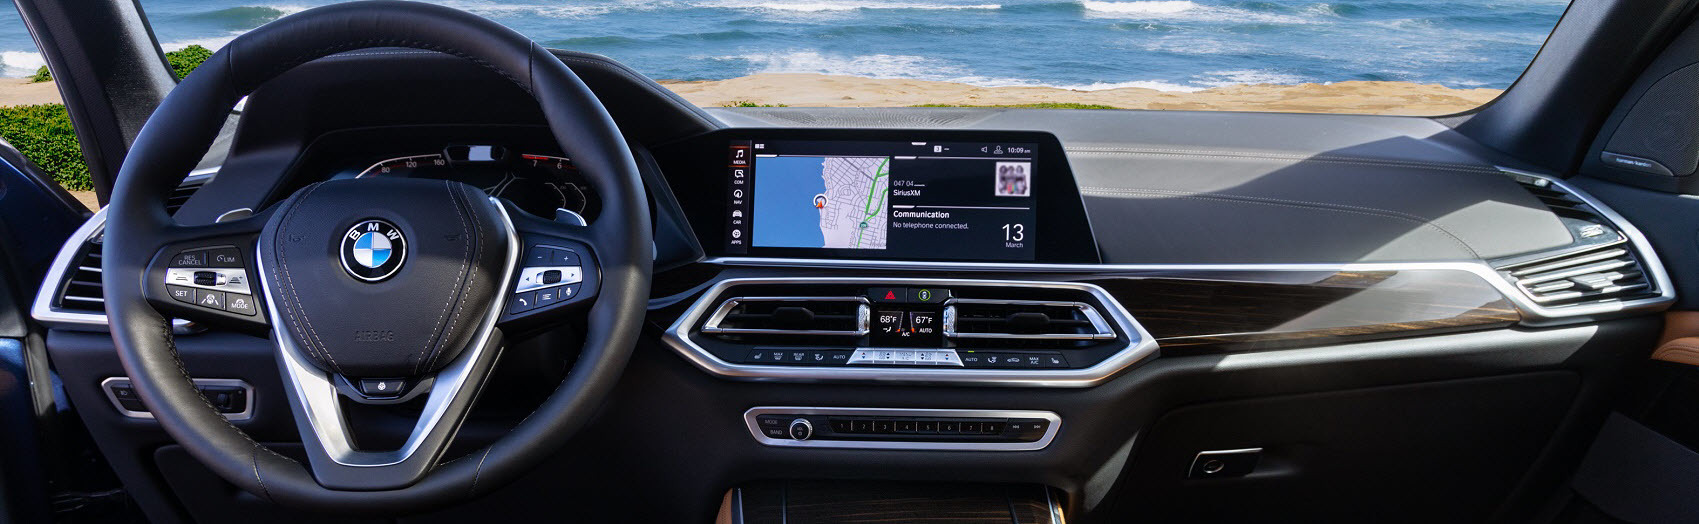 BMW Interior vs Mercedes | Schererville, IN